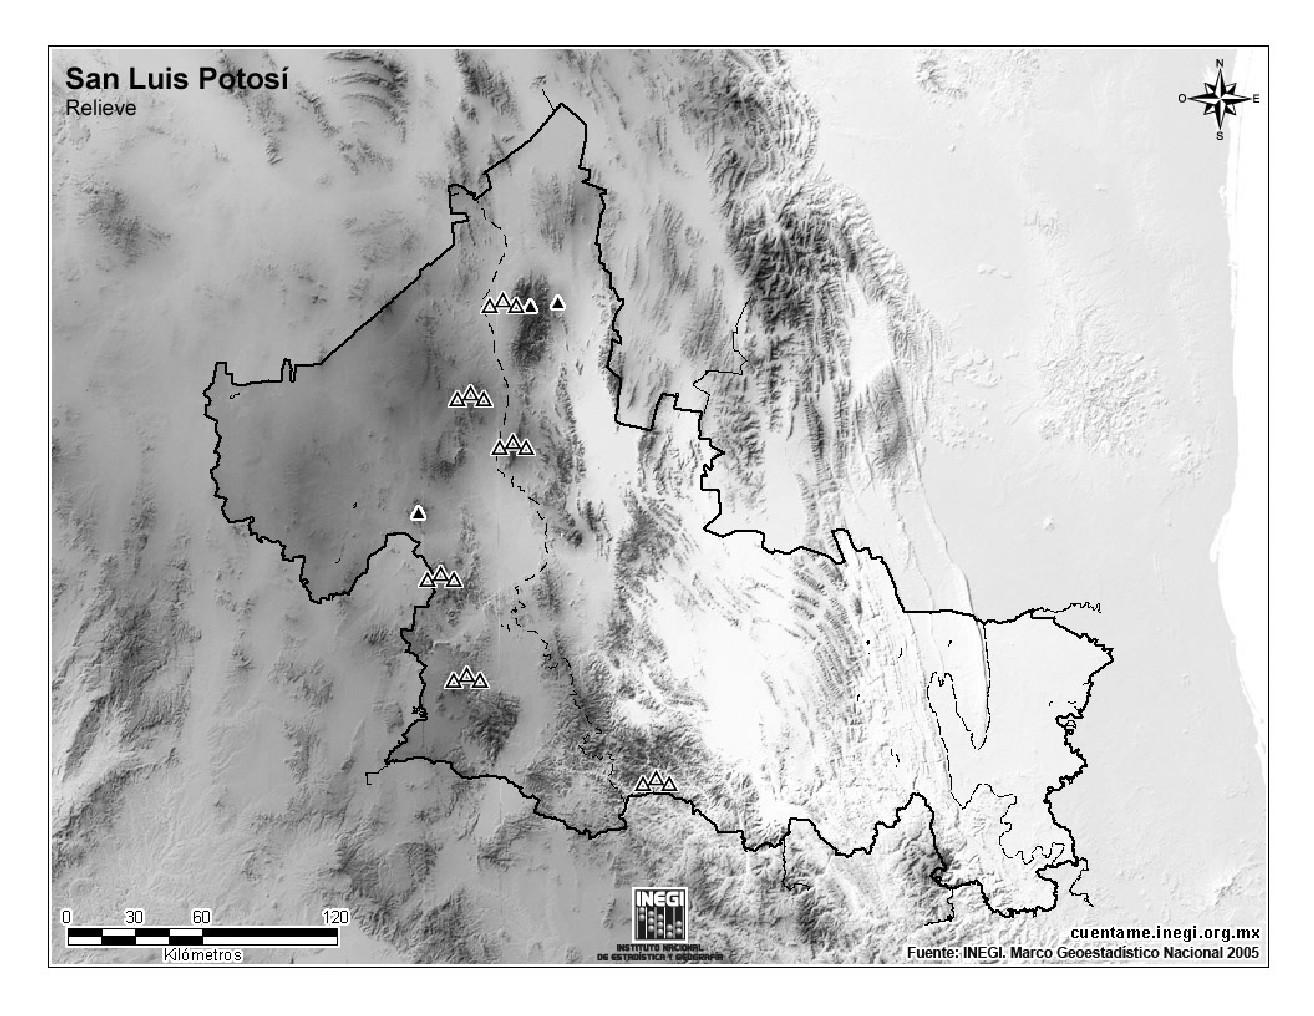 Mapa mudo de montañas de San Luis Potosí. INEGI de México